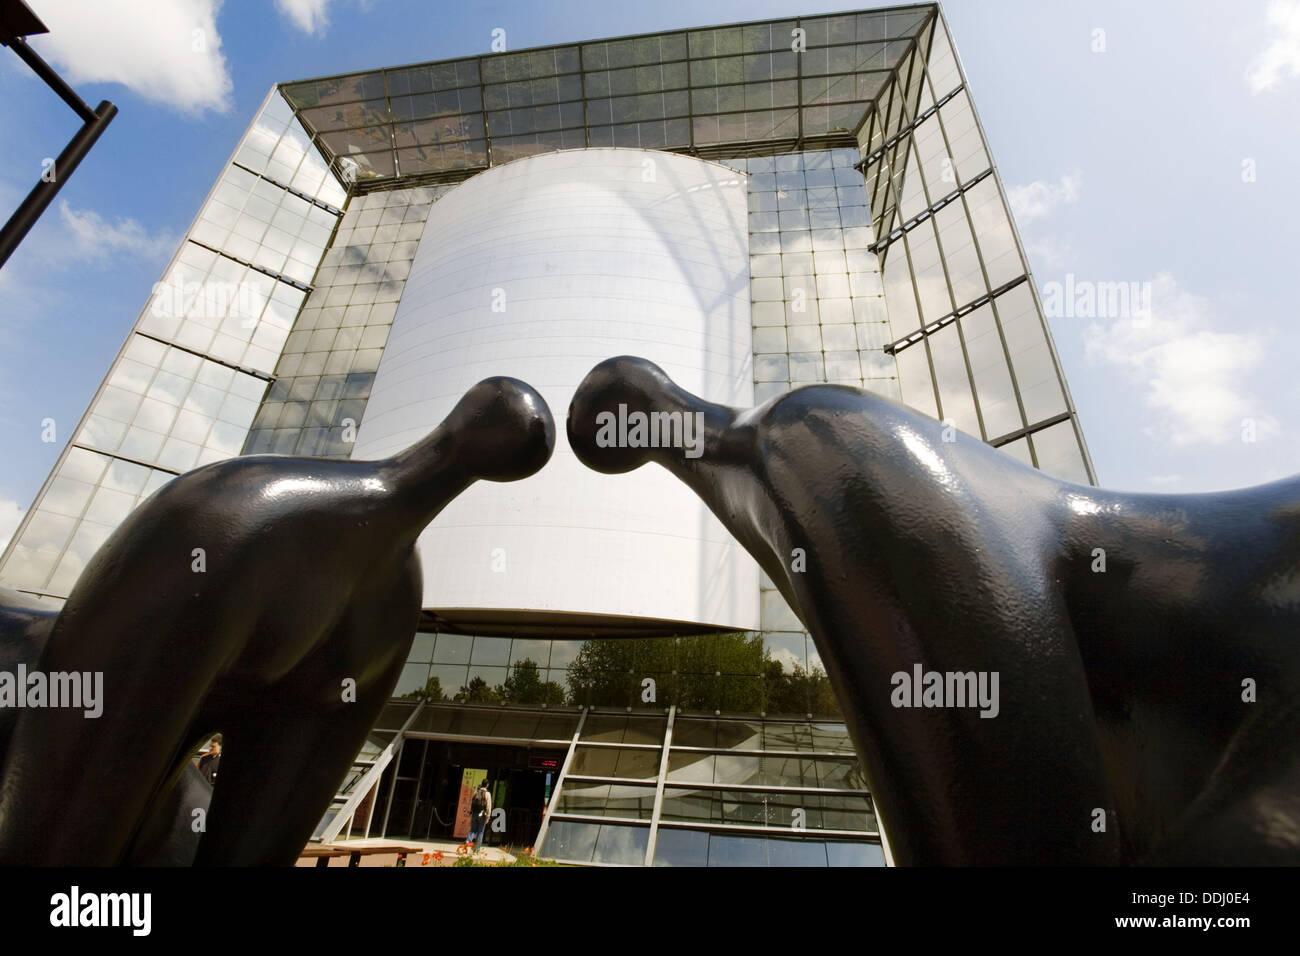 El edificio más impresionante en el parque, similar al arco de La Défense, en París. Futuroscope, el parque temático de imagen y sonido. Imagen De Stock